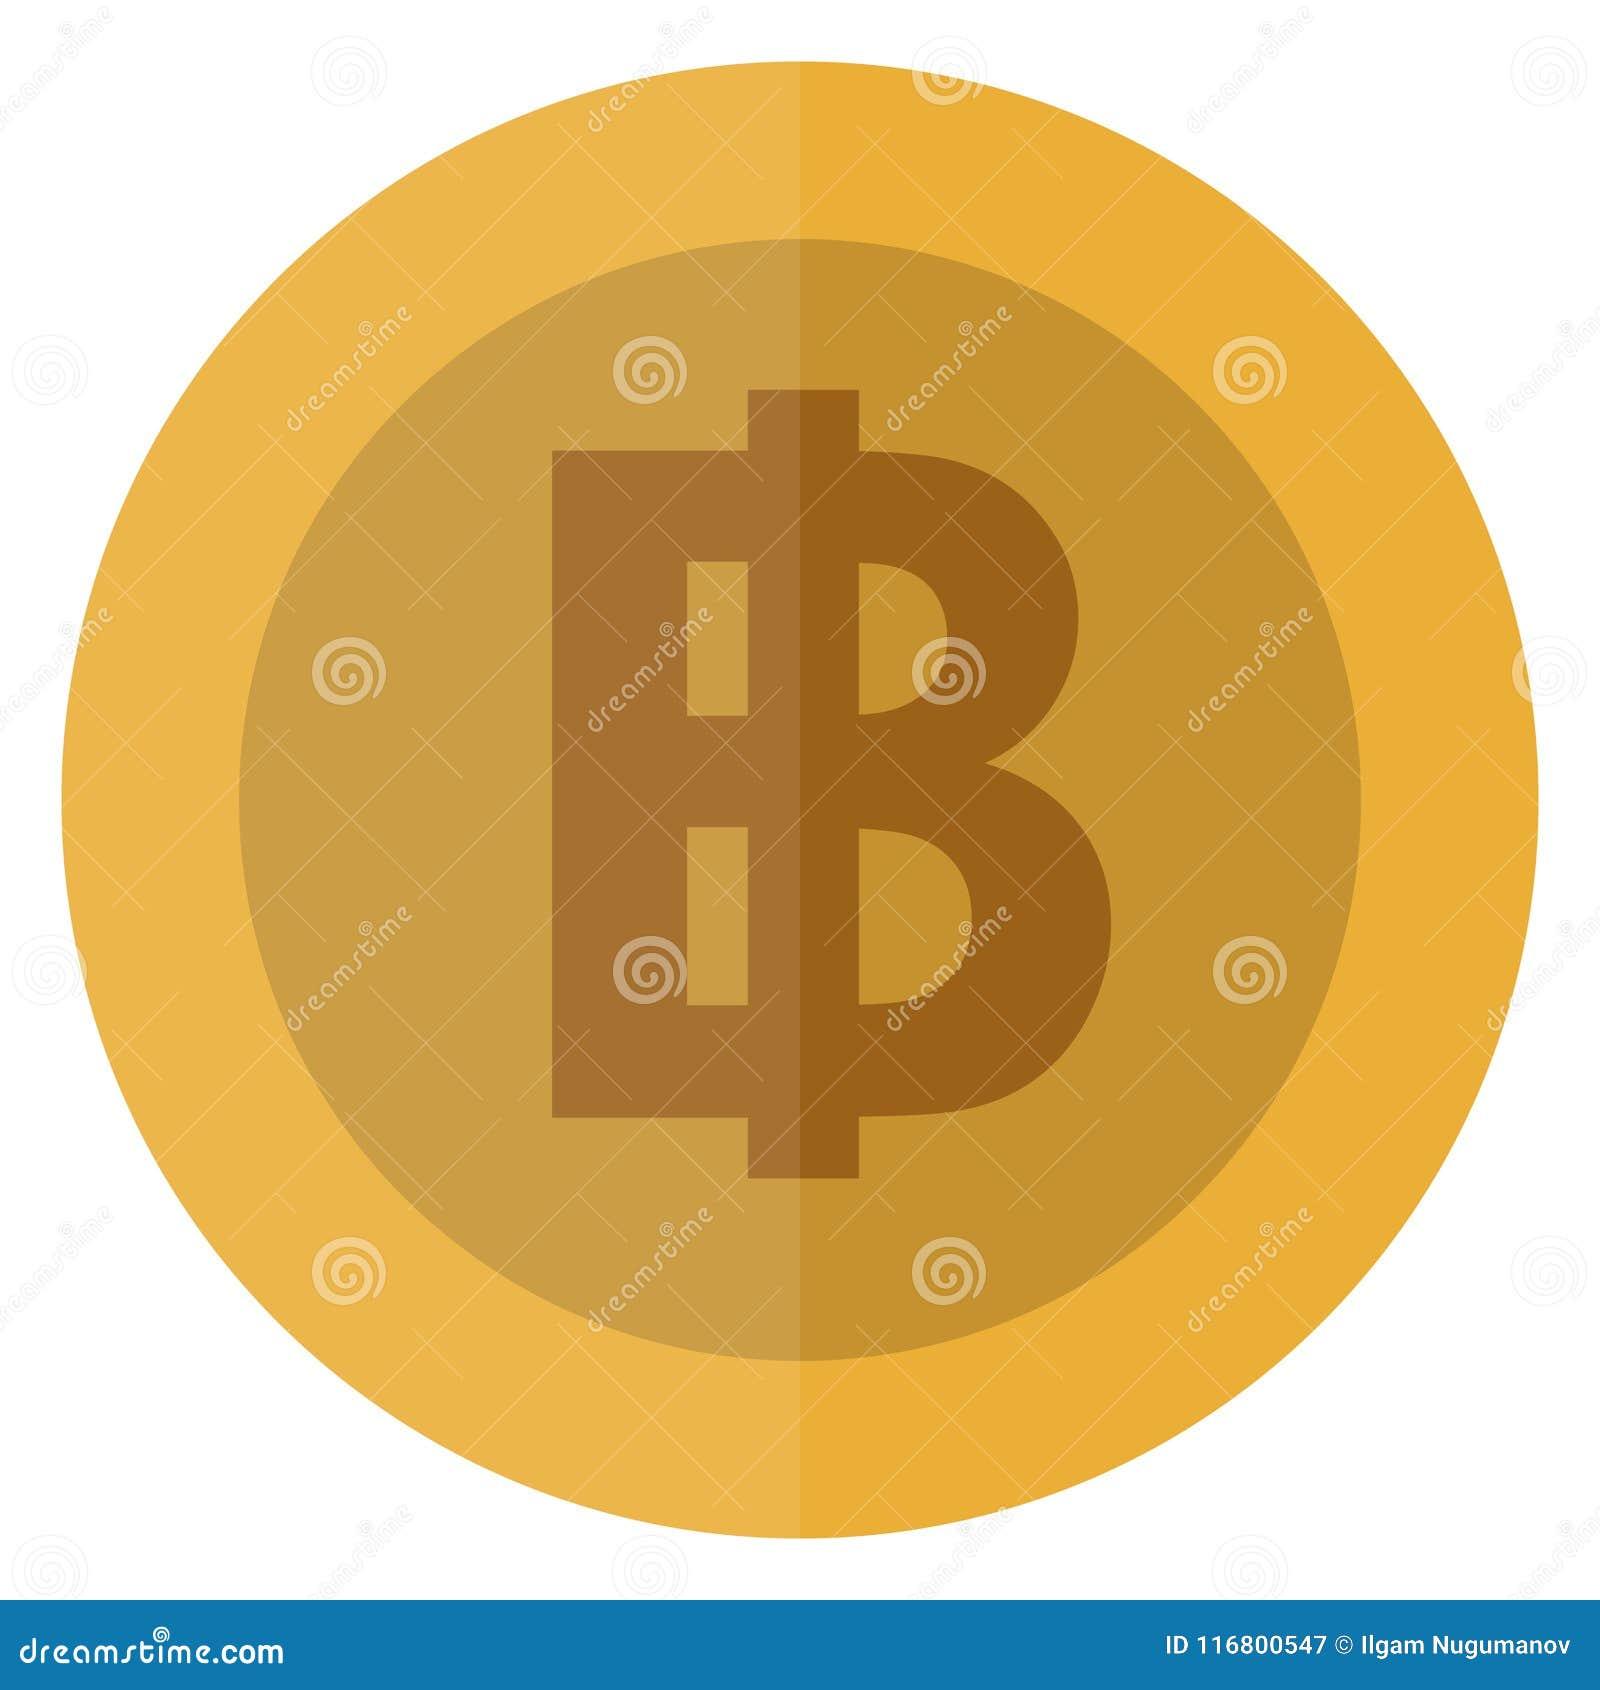 Moneta rotonda della Tailandia di valuta piana di baht Tailandese, valuta del casinò, moneta di gioco, illustrazione di vettore i